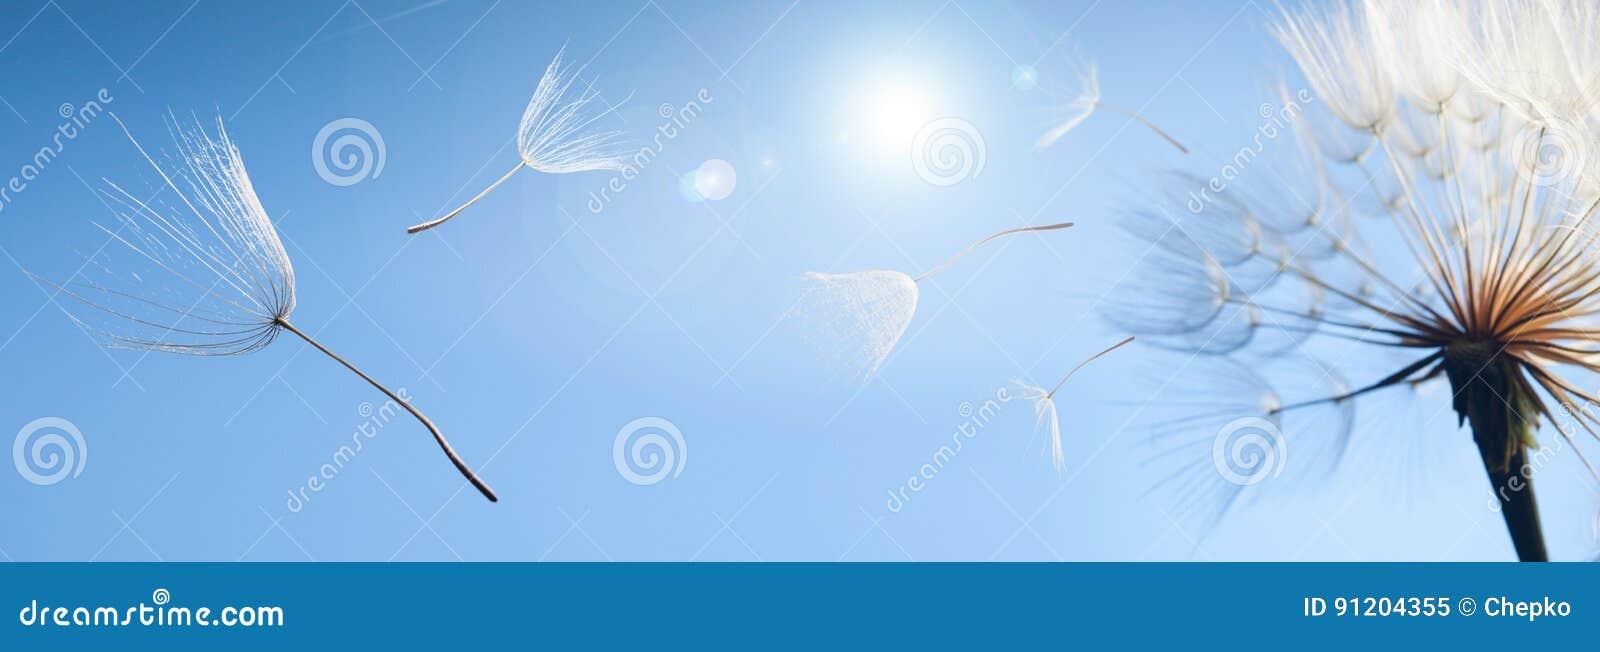 Fliegenlöwenzahnsamen auf einem blauen Hintergrund